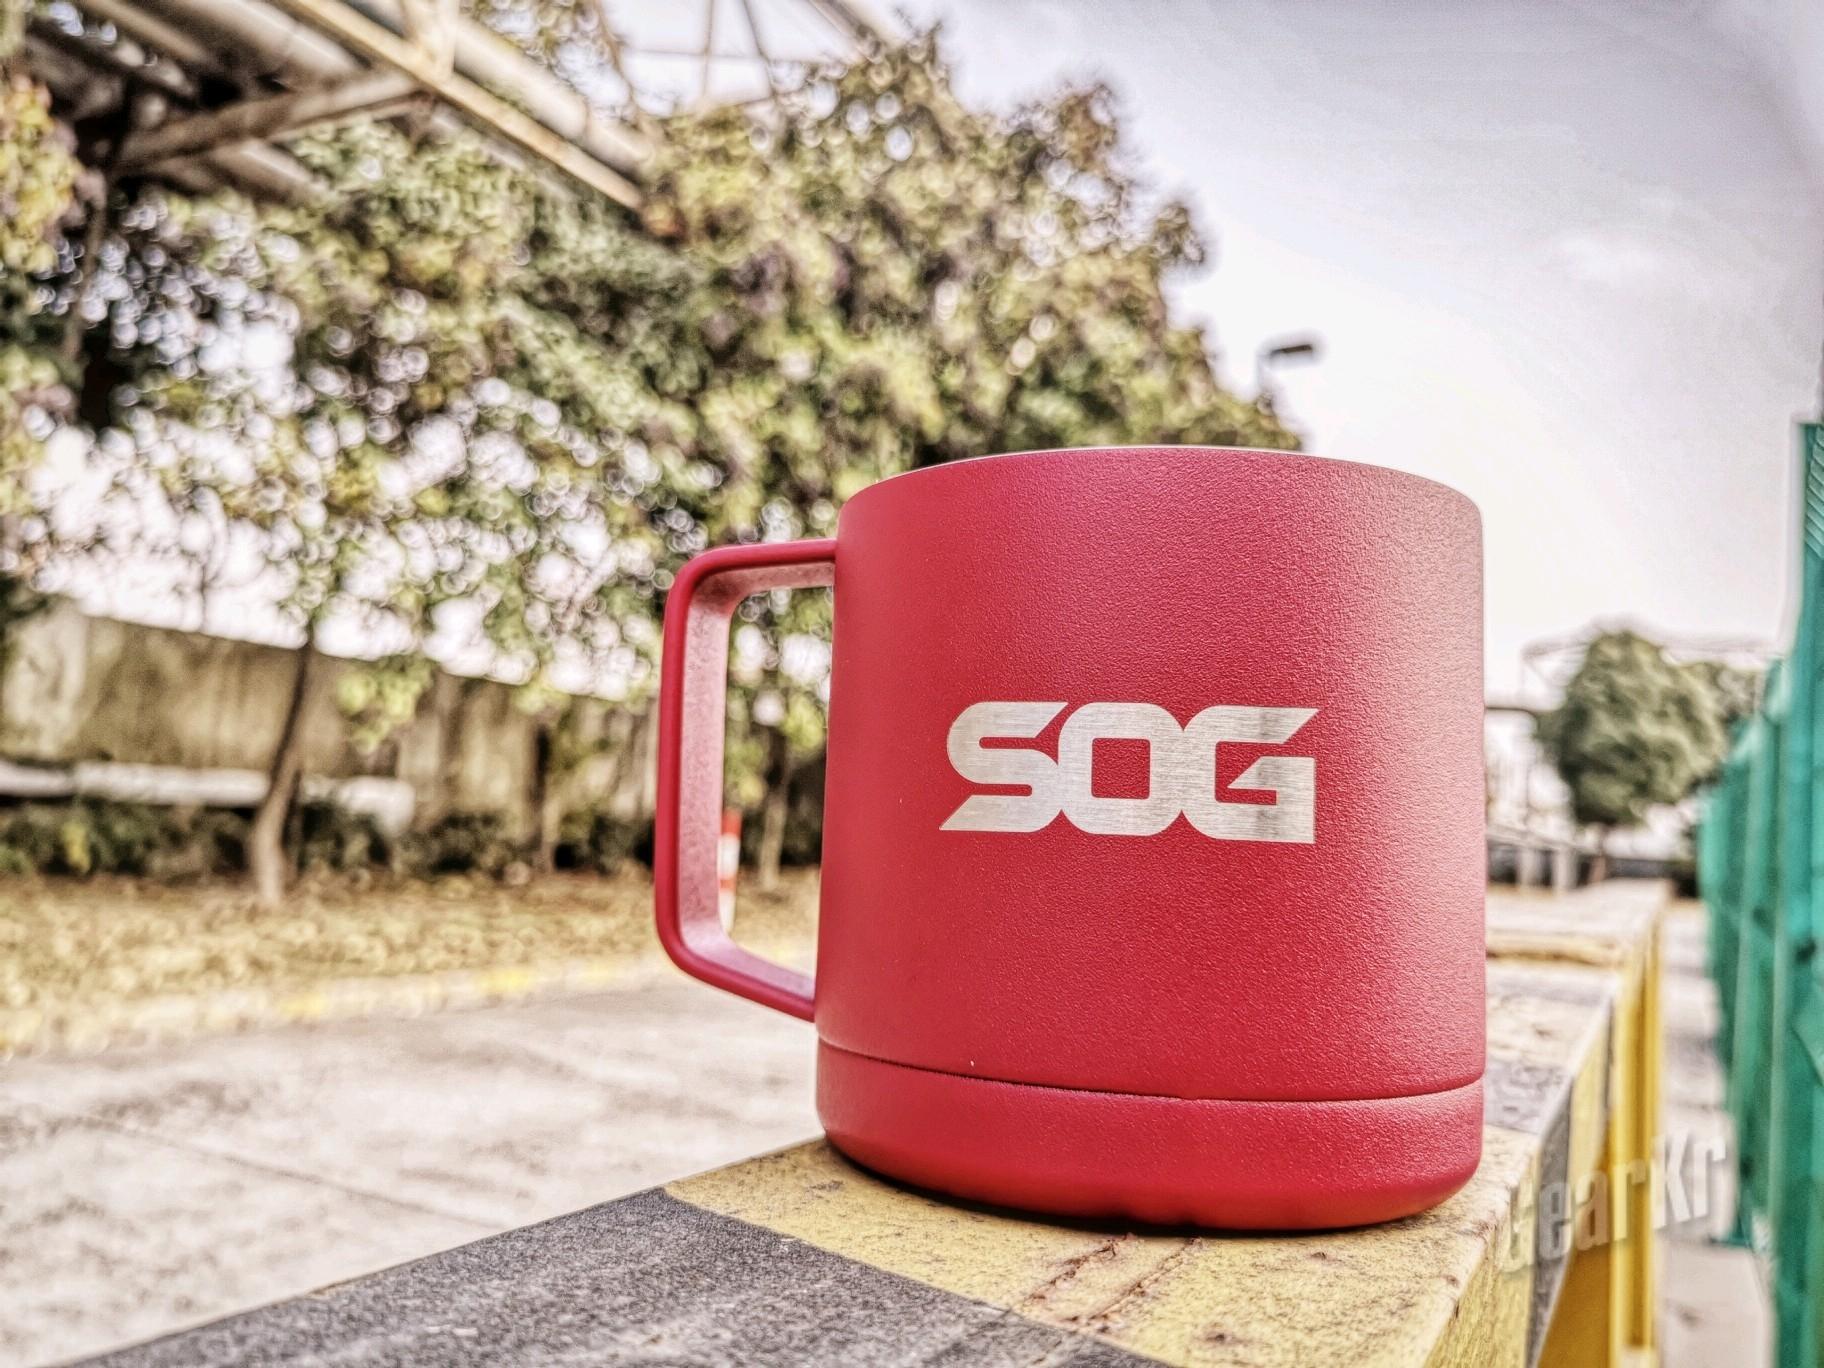 中军帐内坐 杯在手中握-SOG索格司令官不锈钢马克杯试用